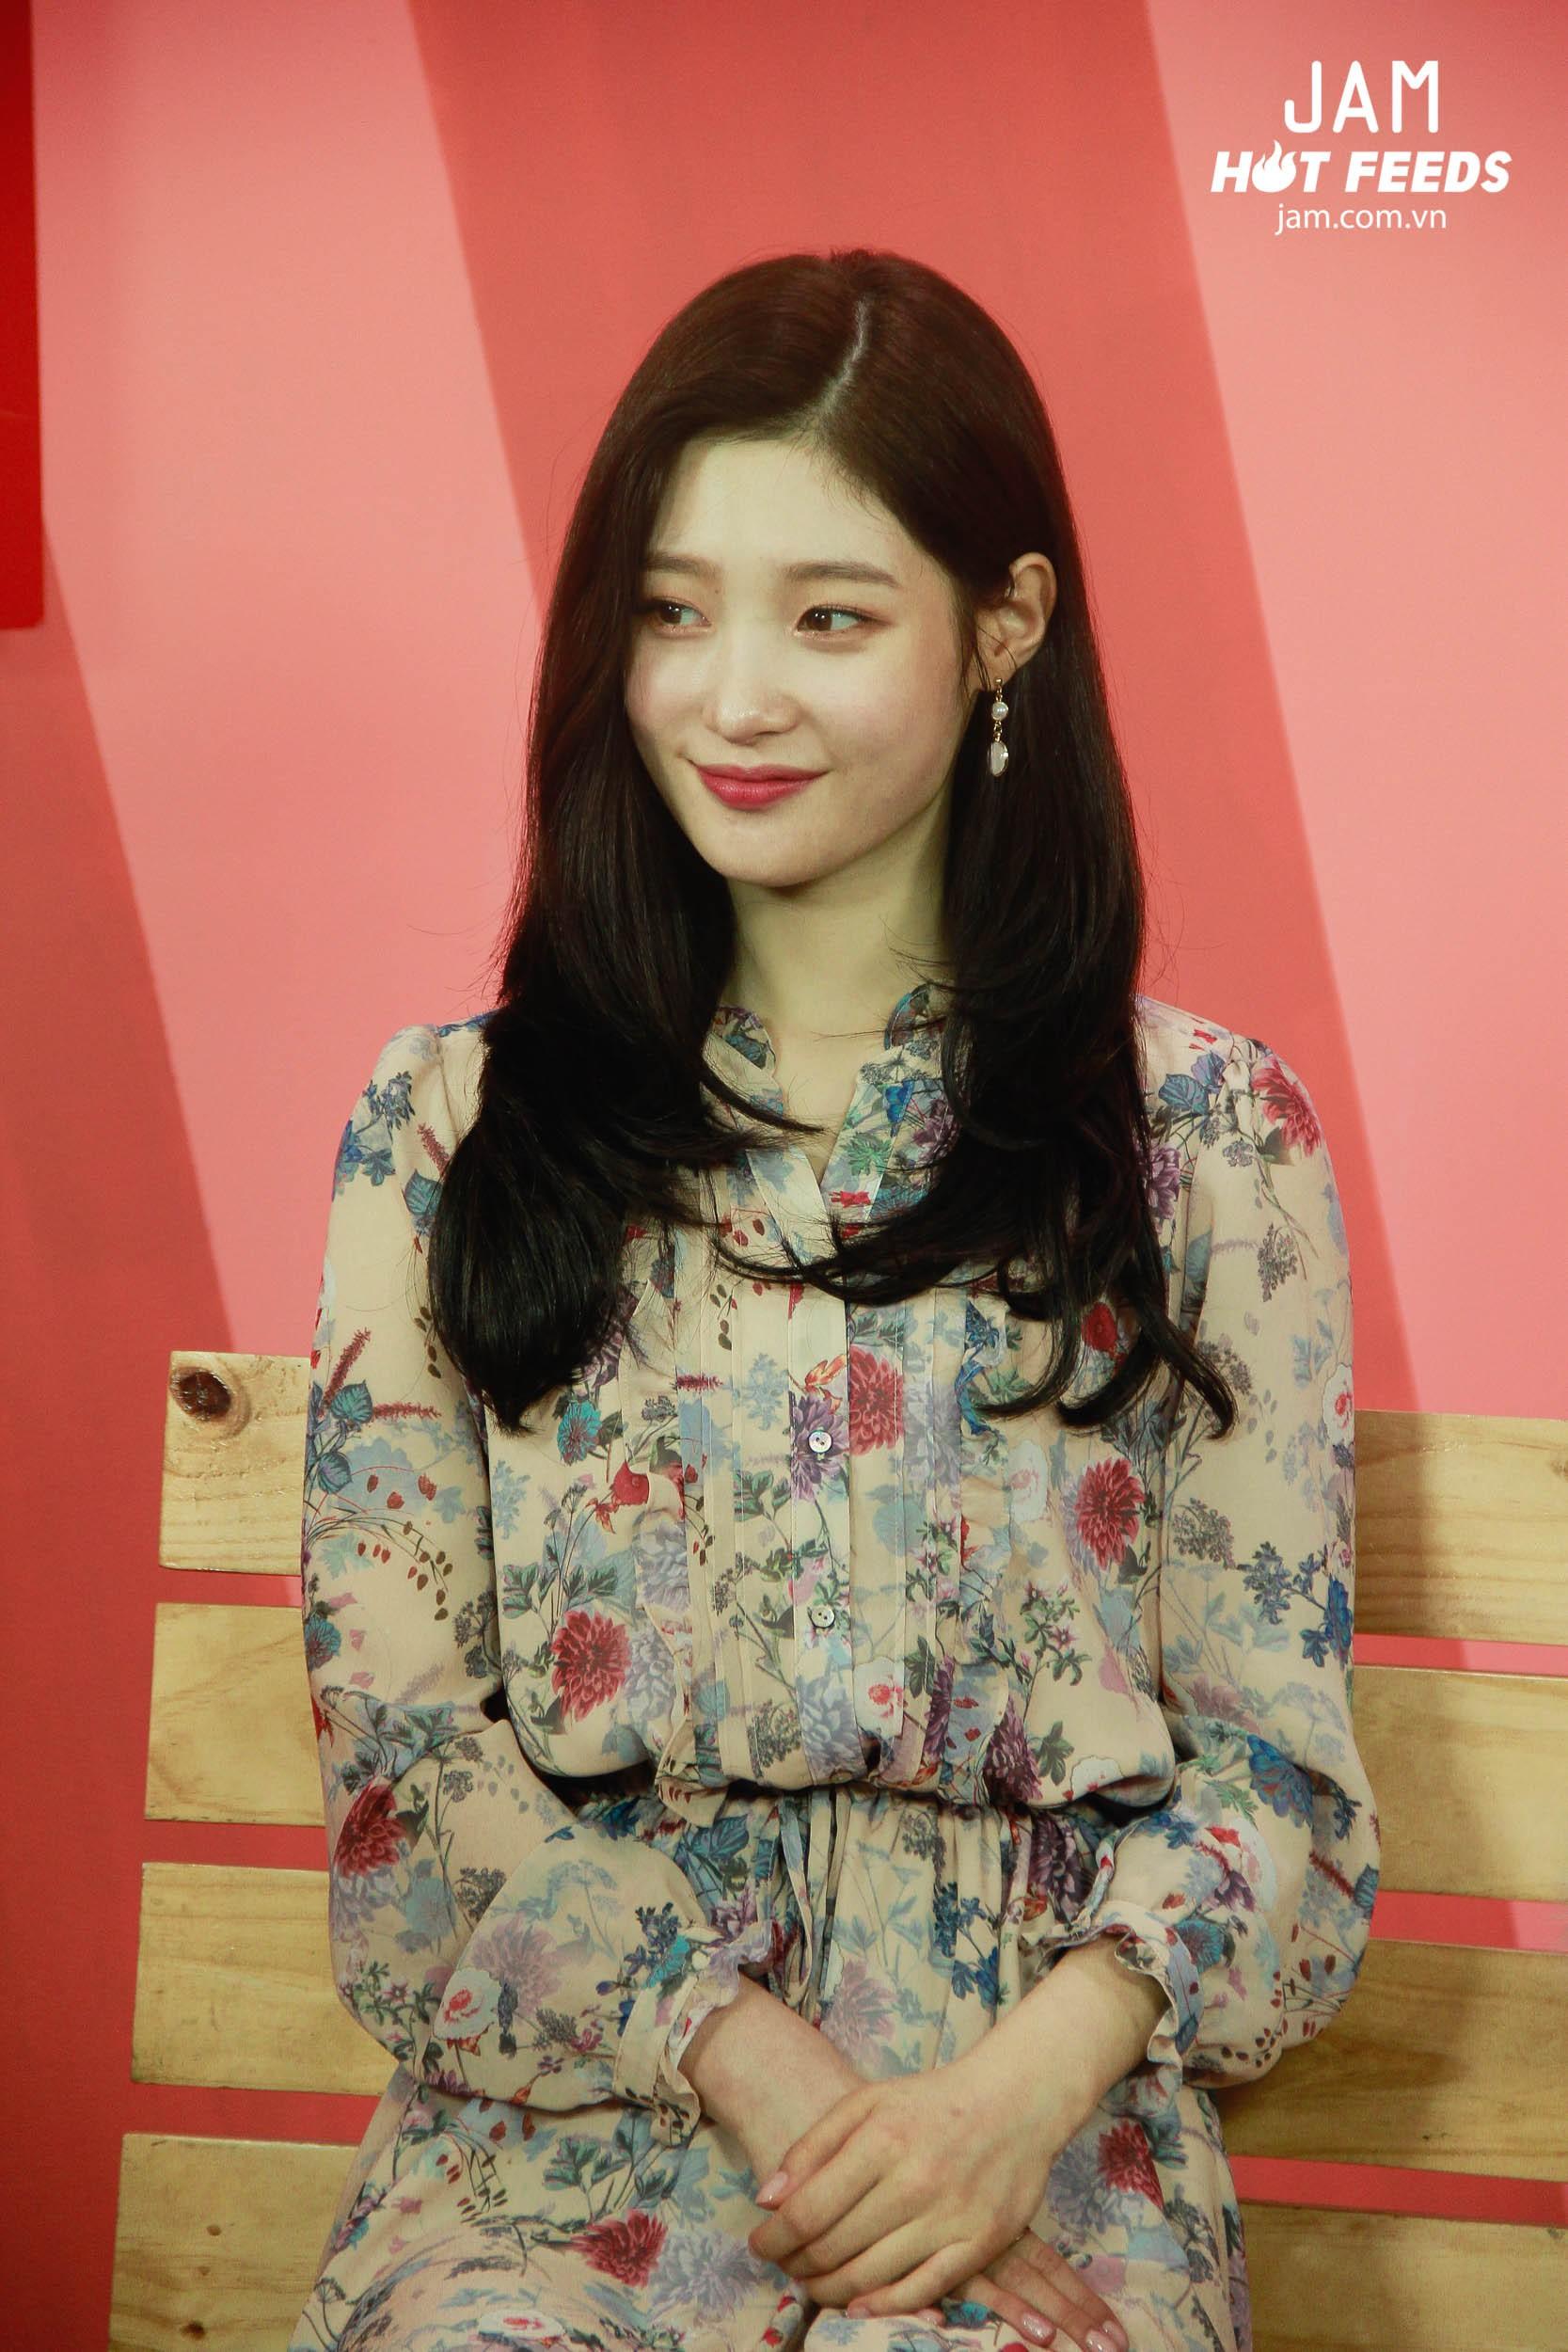 Xứng danh nữ thần thế hệ mới, Chae Yeon đẹp đến xiêu lòng trong bất kỳ khoảnh khắc nào! - Ảnh 3.